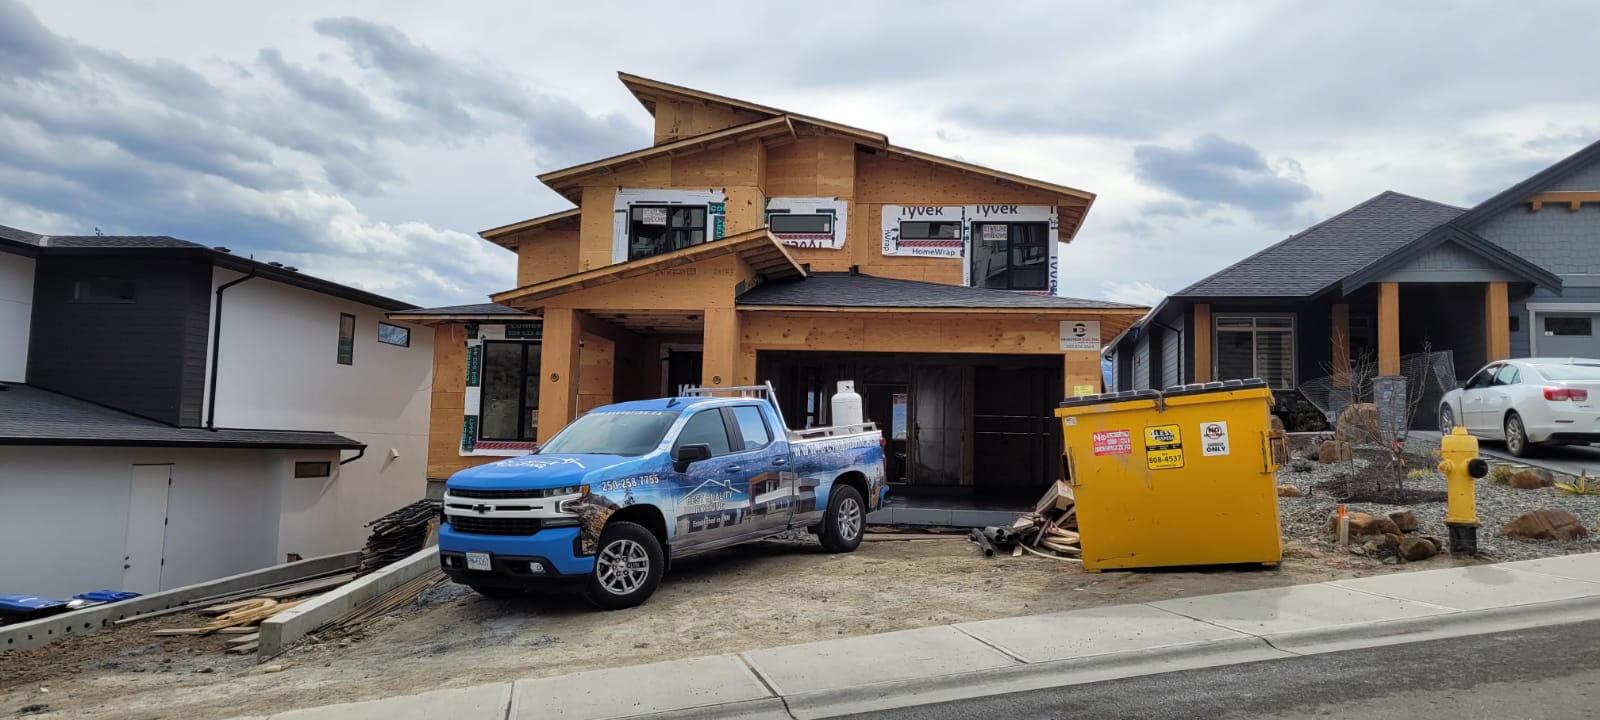 Roofing Jobs in Okanagan